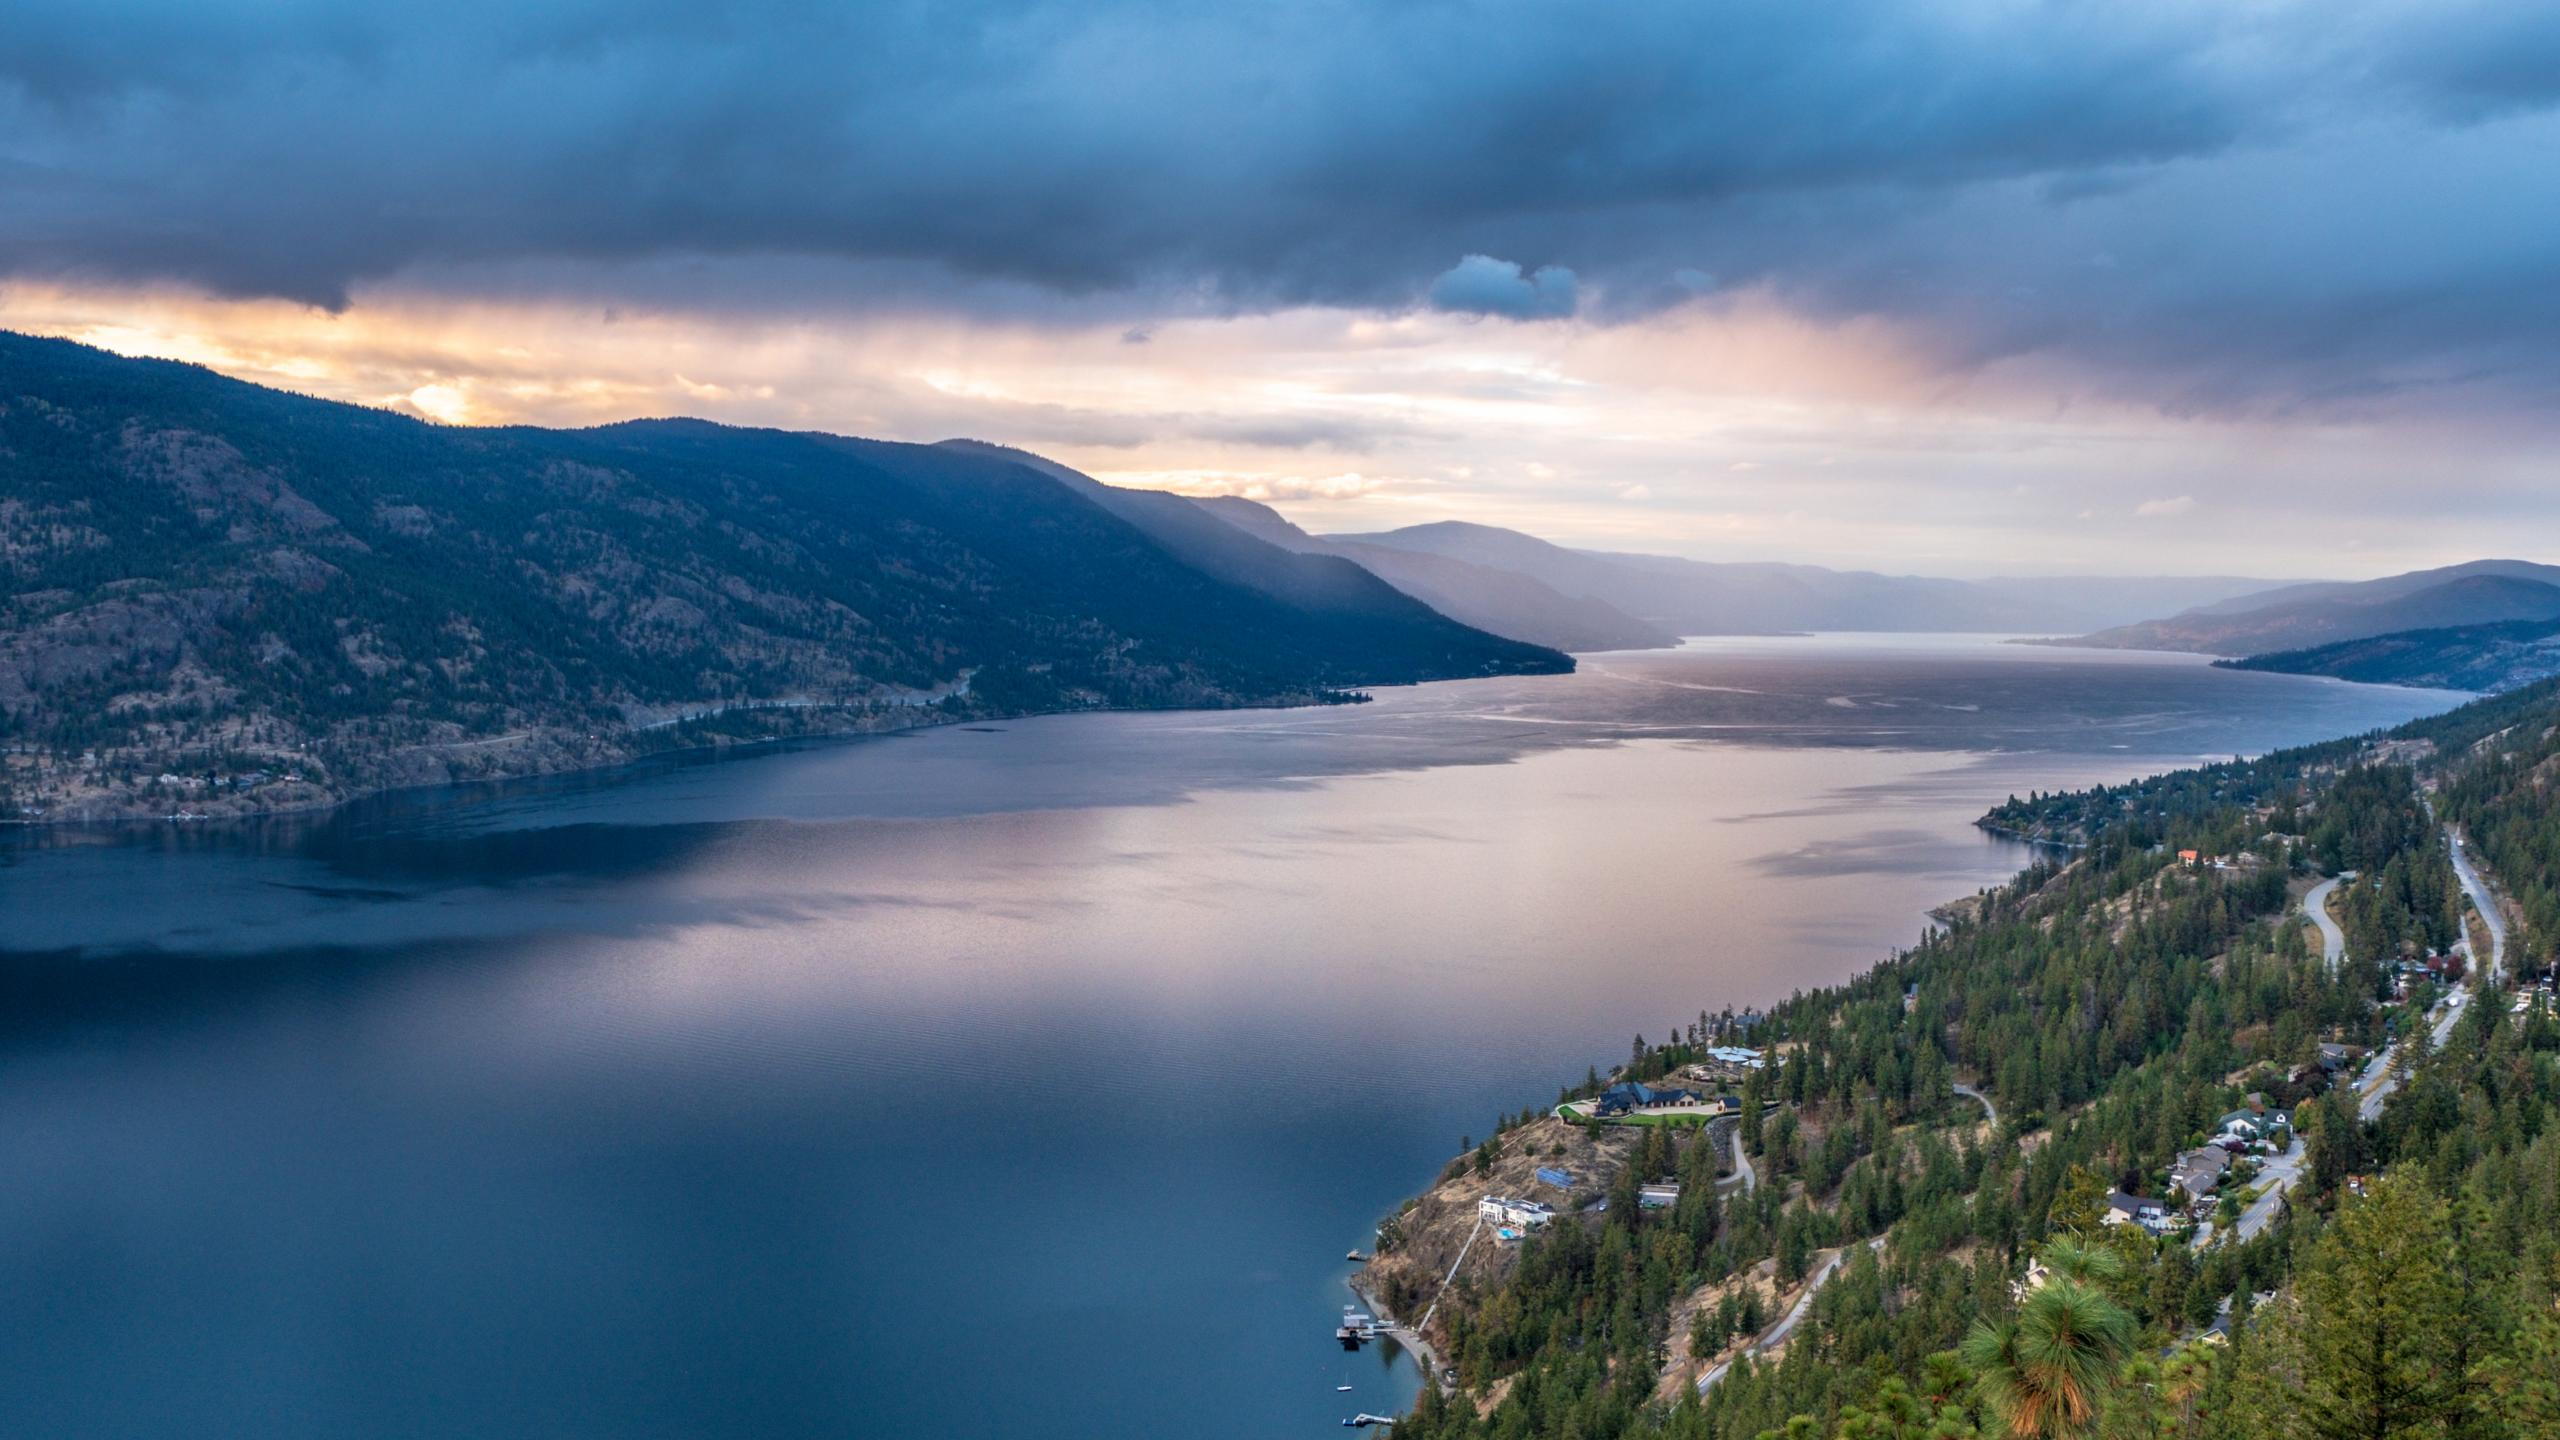 Lake Okanagan